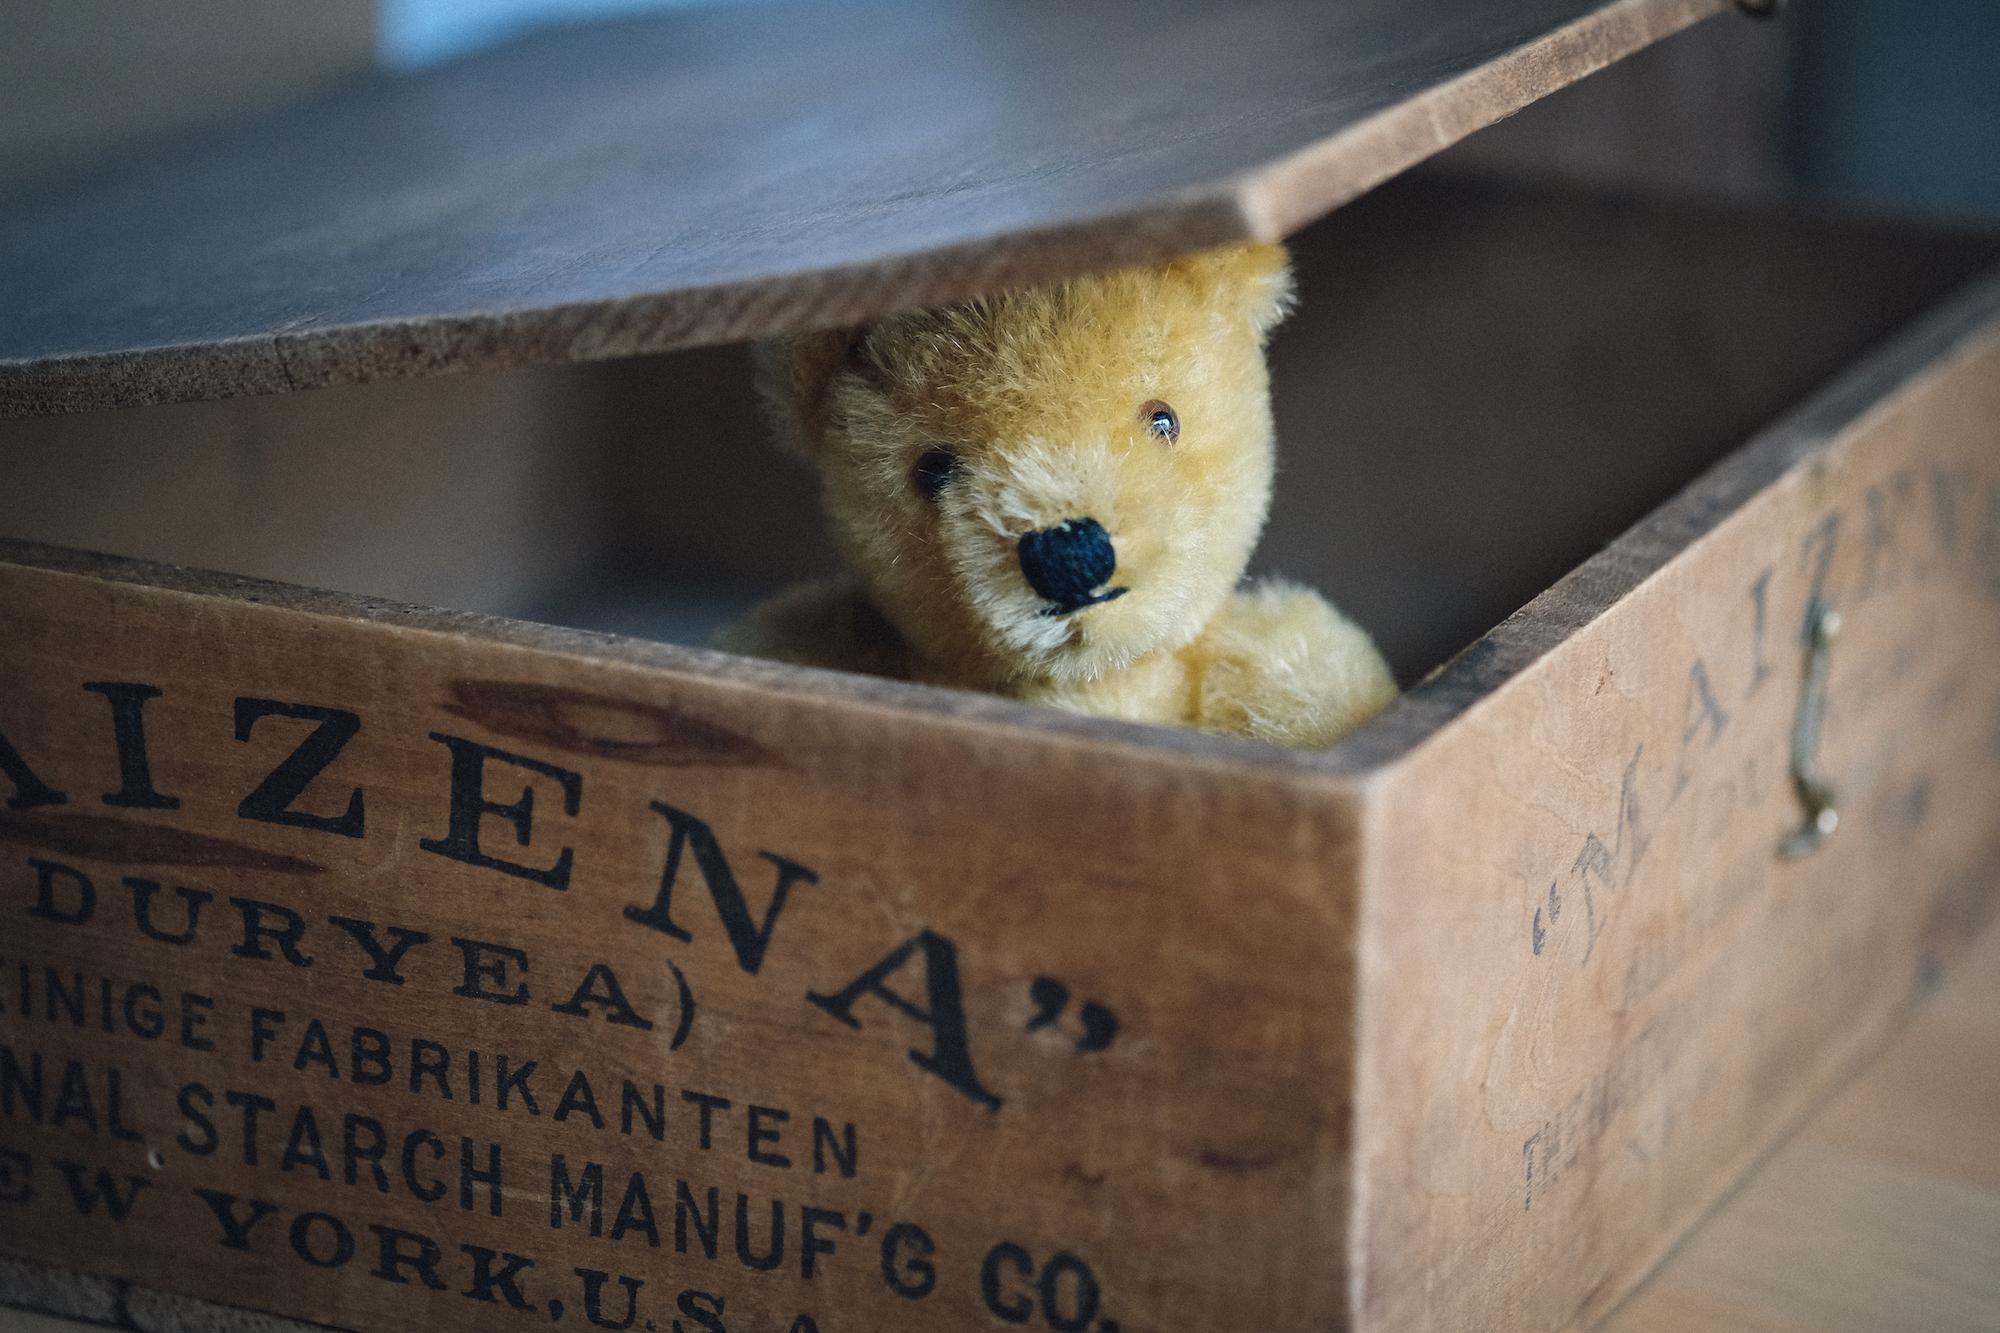 Bei eBay sehr beliebt: Steiff-Teddys und Plüschtiere (Foto:  Oliver Symens )